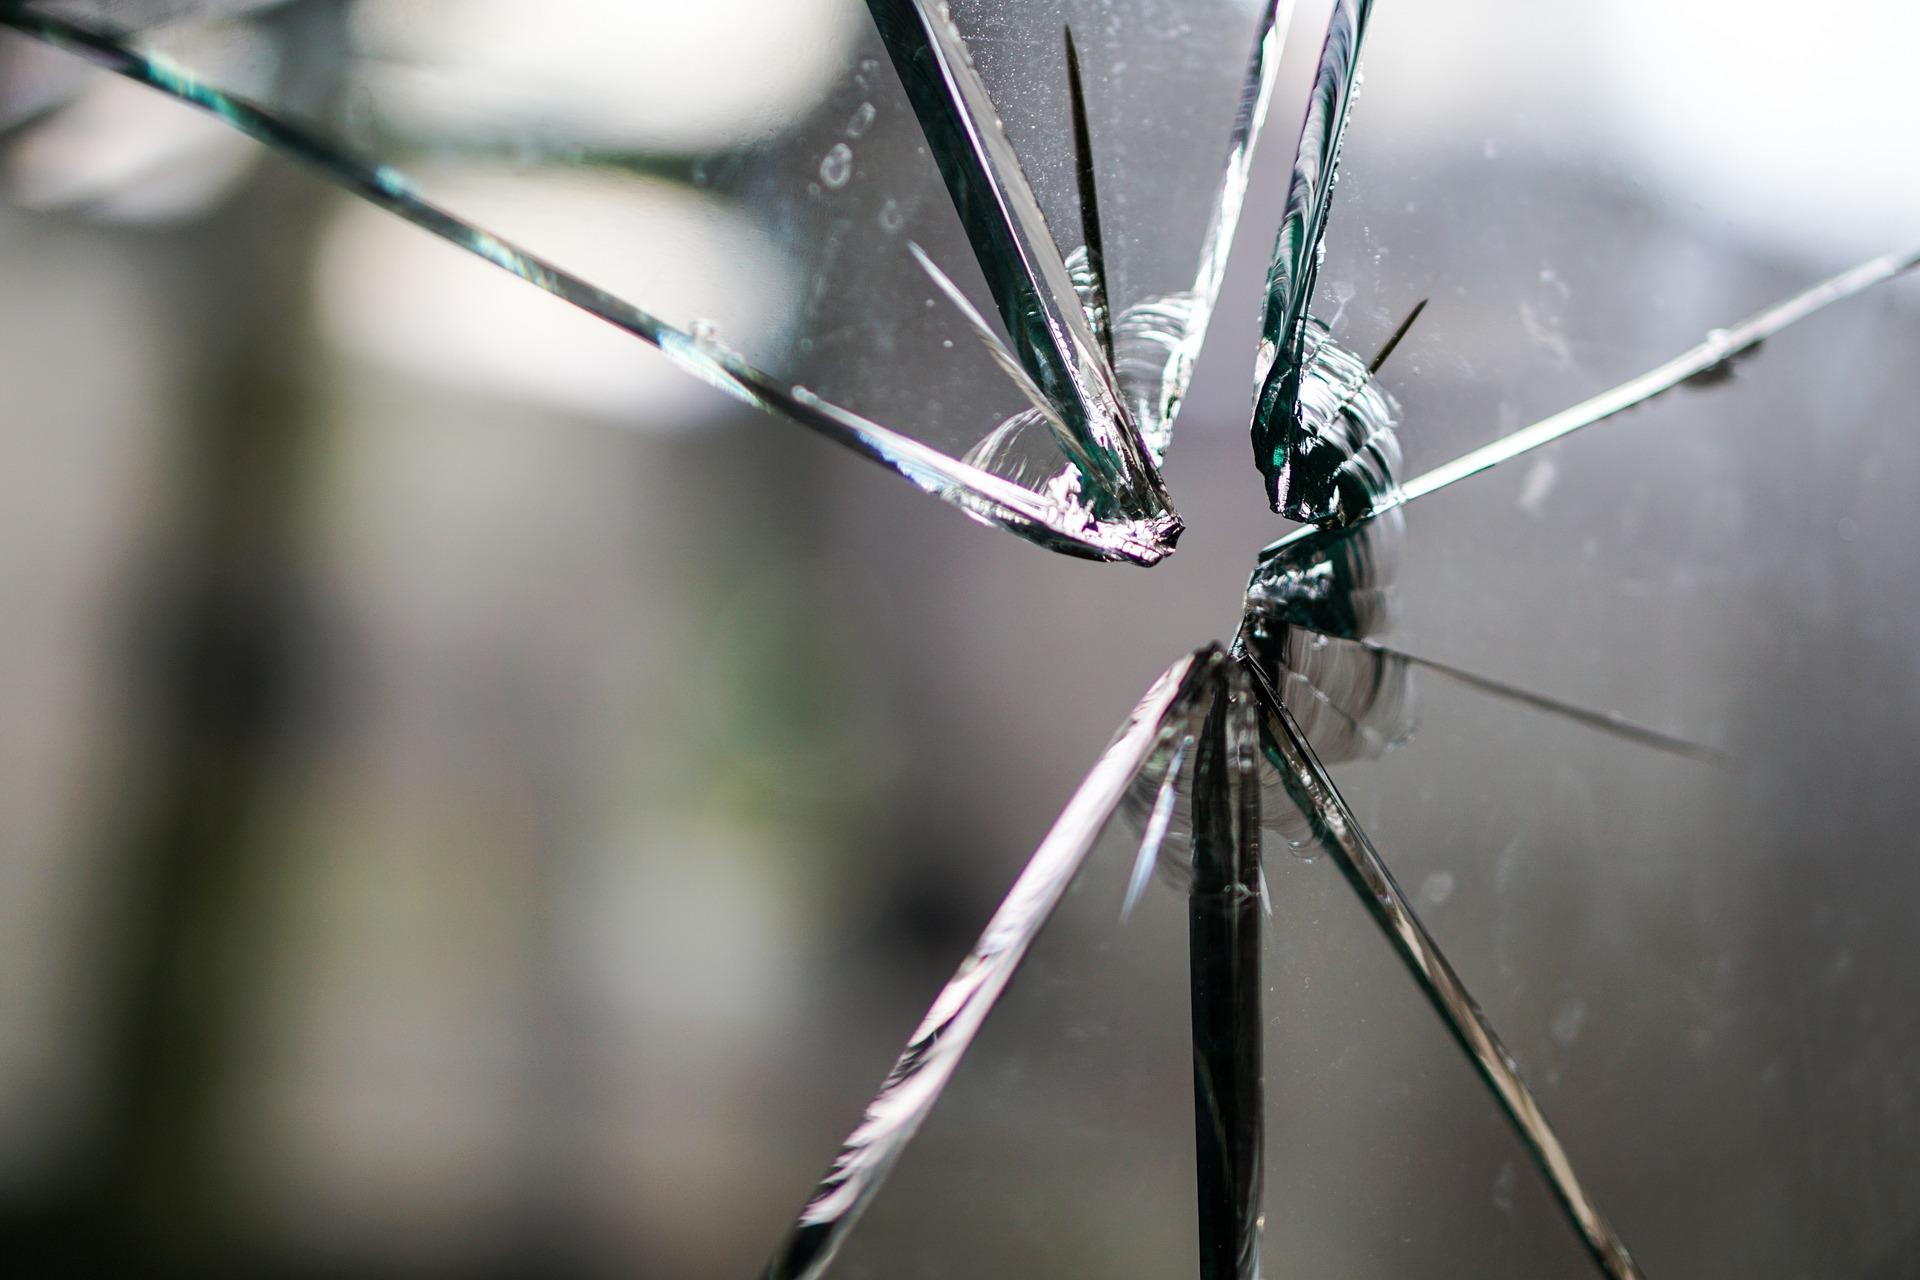 Private Haftpflichtversicherung: Wie hoch die Deckungssumme sein sollte